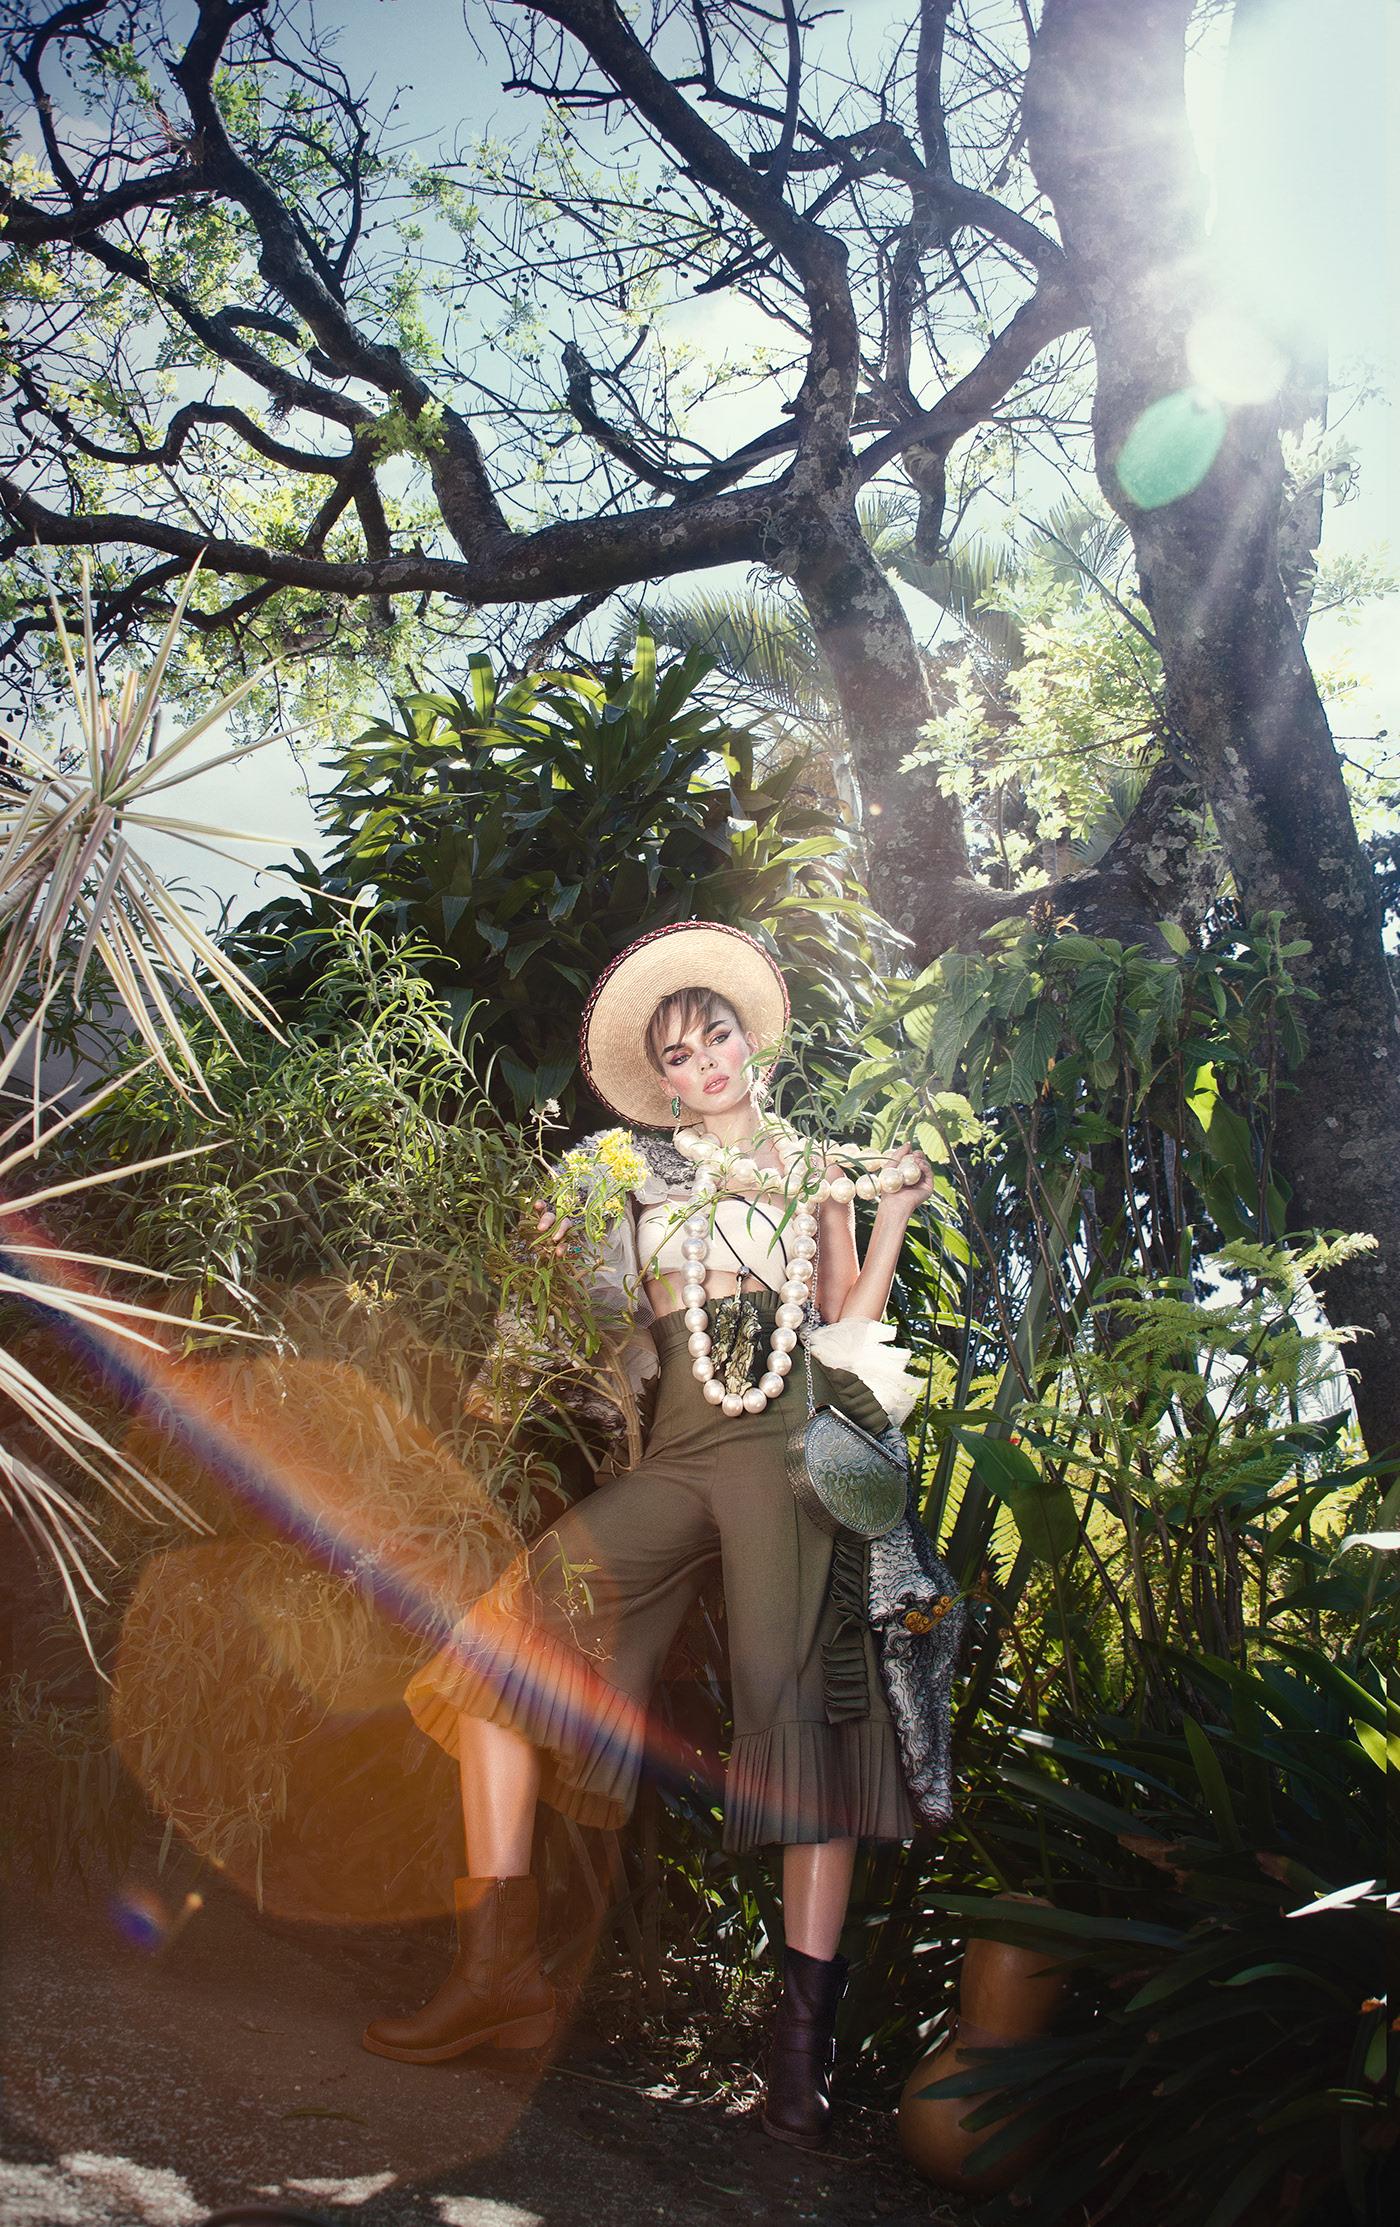 A state of Bloom / фото Charles Herrera